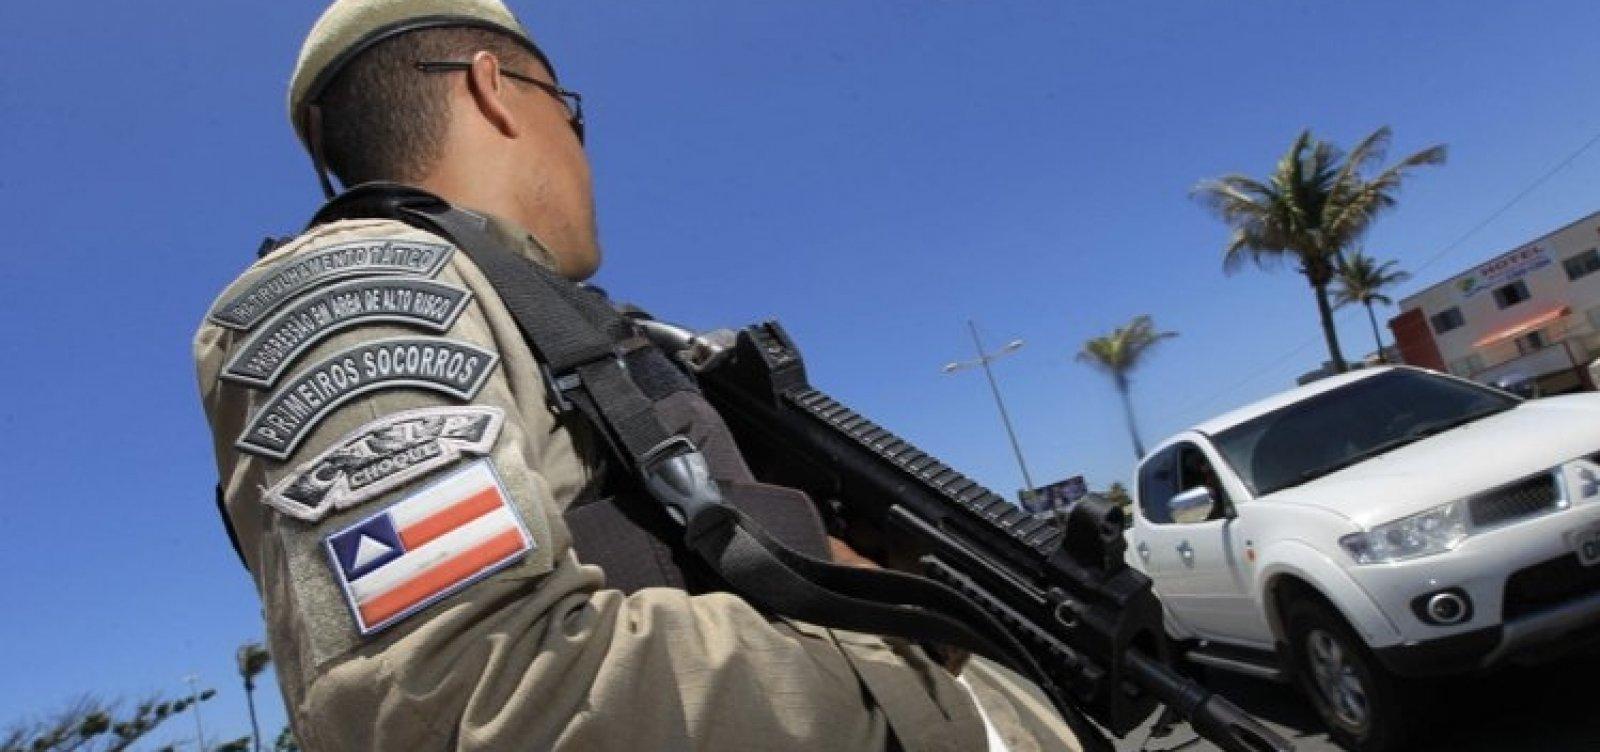 Bahia ocupa segundo lugar em ranking de mortes por policiais